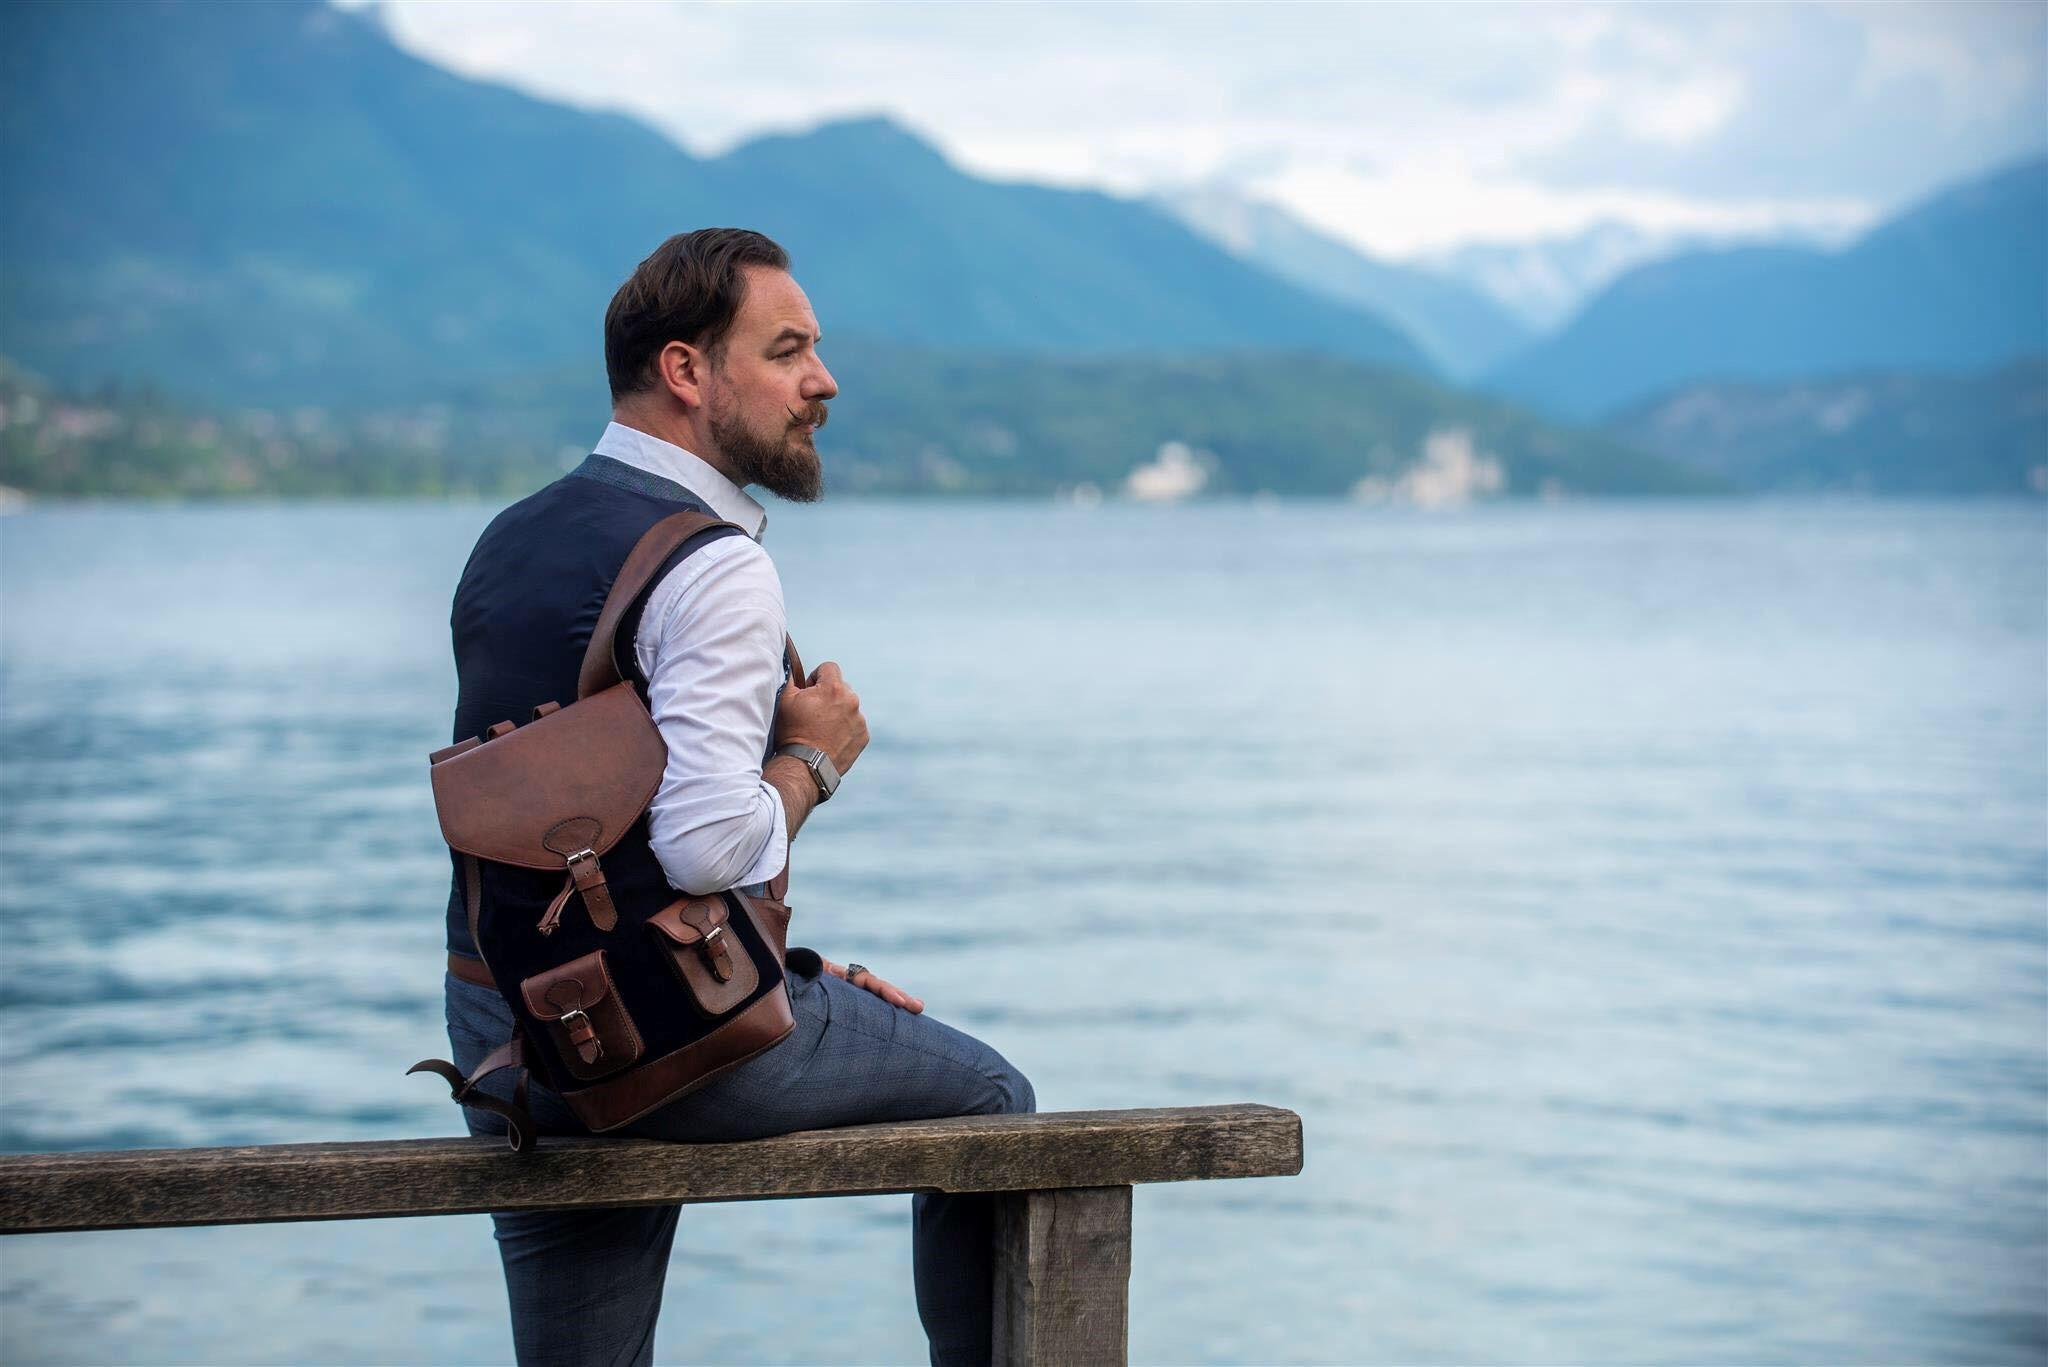 sac à dos gabi bleu nuit pachamama élégant chic cuir vintage rétro tendance urbain ville style